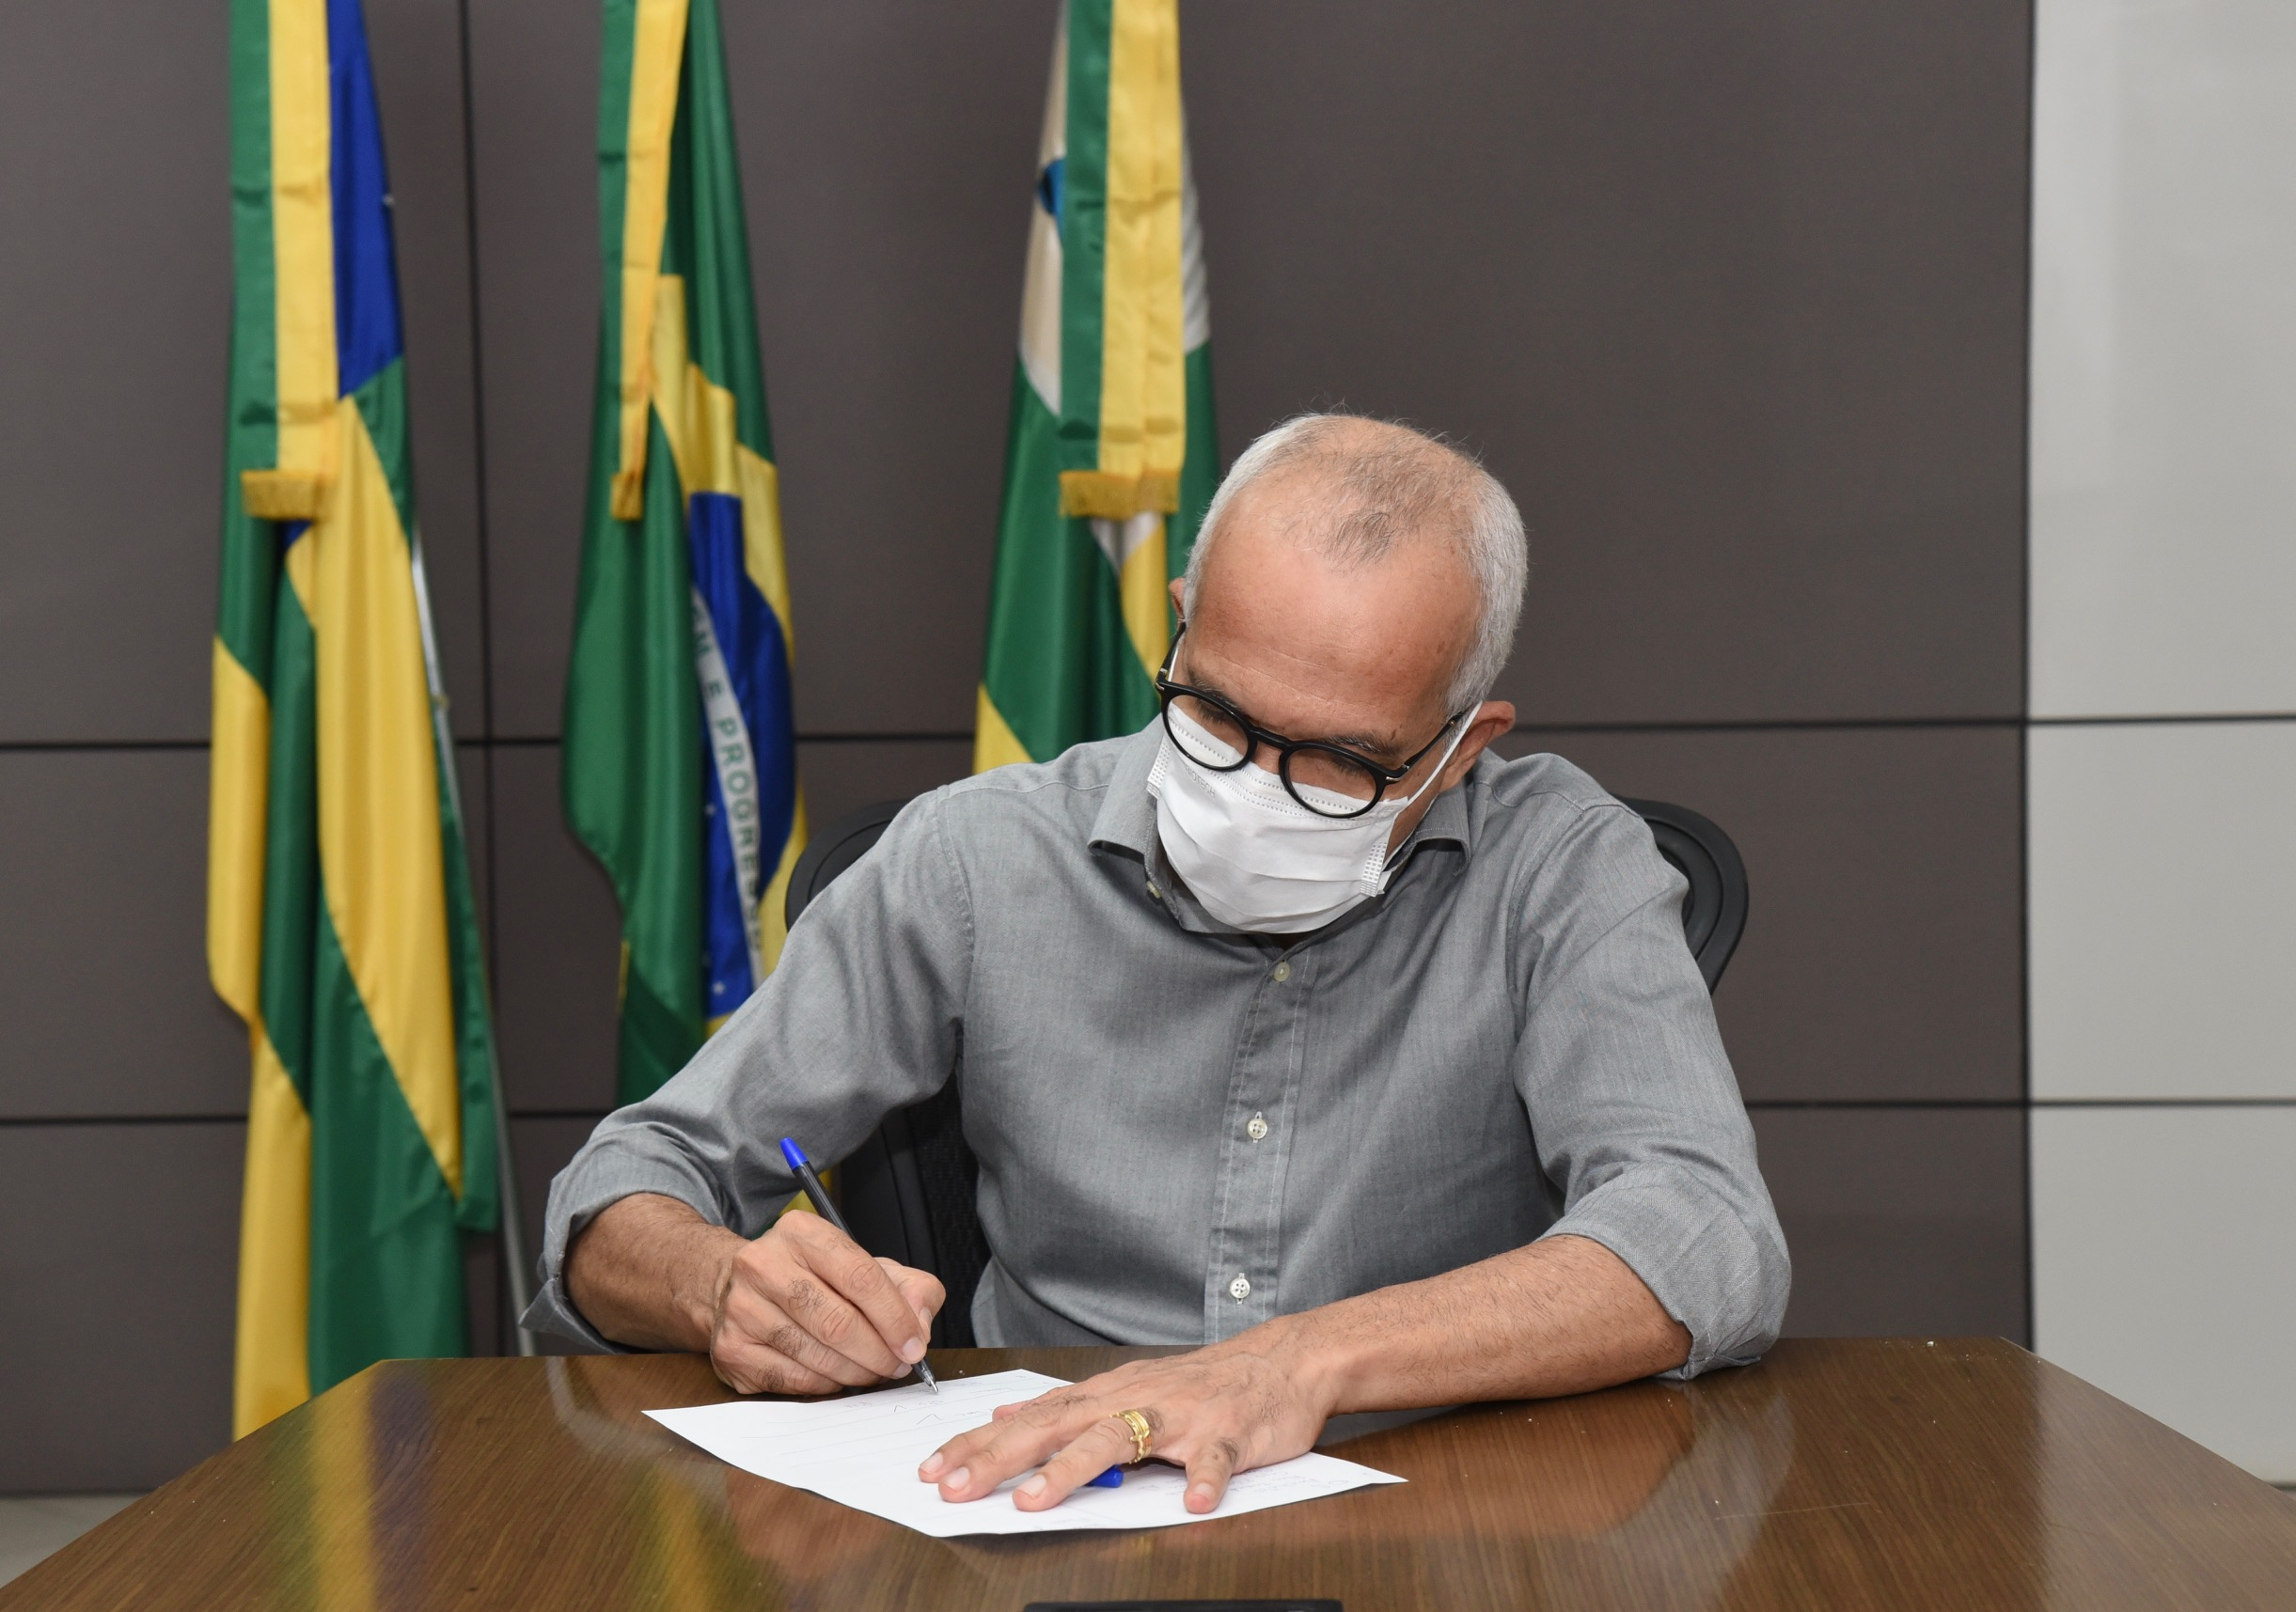 Prefeitura de Aracaju decreta ponto facultativo nesta sexta-feira, 12